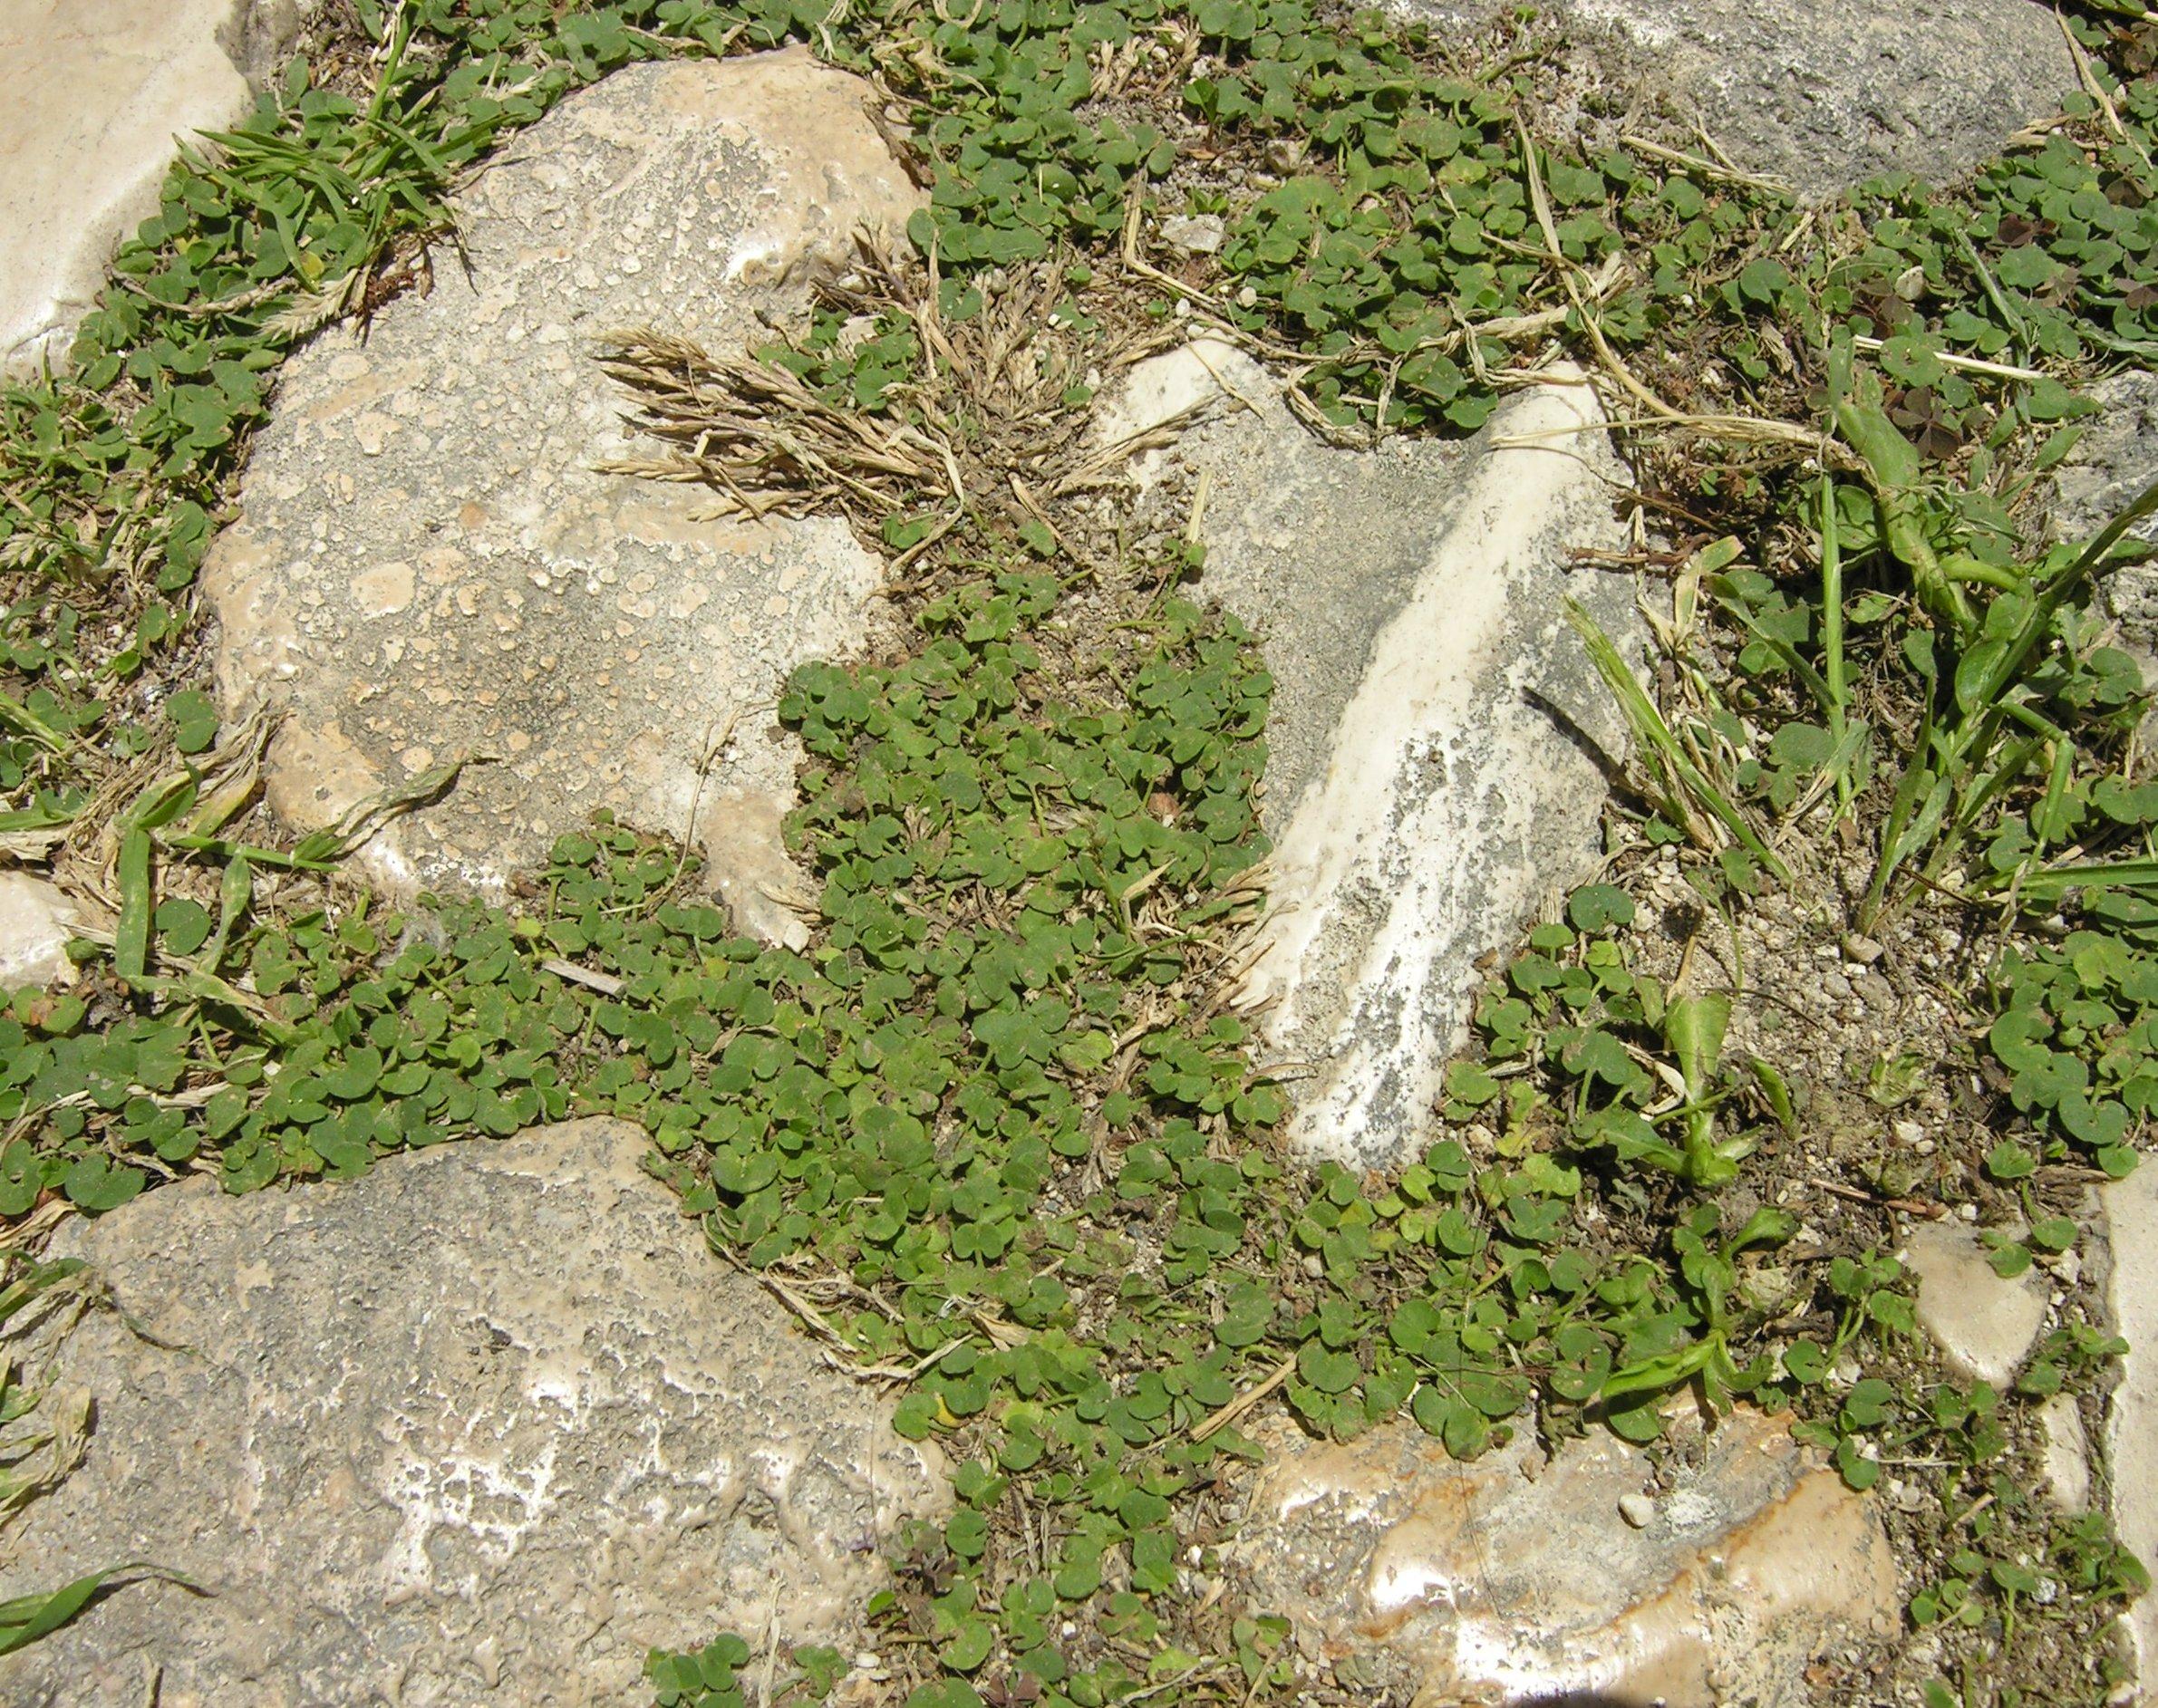 © Dipartimento di Scienze della Vita, Università degli Studi di Trieste<br>by Andrea Moro<br>Comune di Isole Tremiti, Isola di San Nicola, strada per l'ex  monastero., FG, Puglia, Italia, 12/05/2007<br>Distributed under CC-BY-SA 4.0 license.